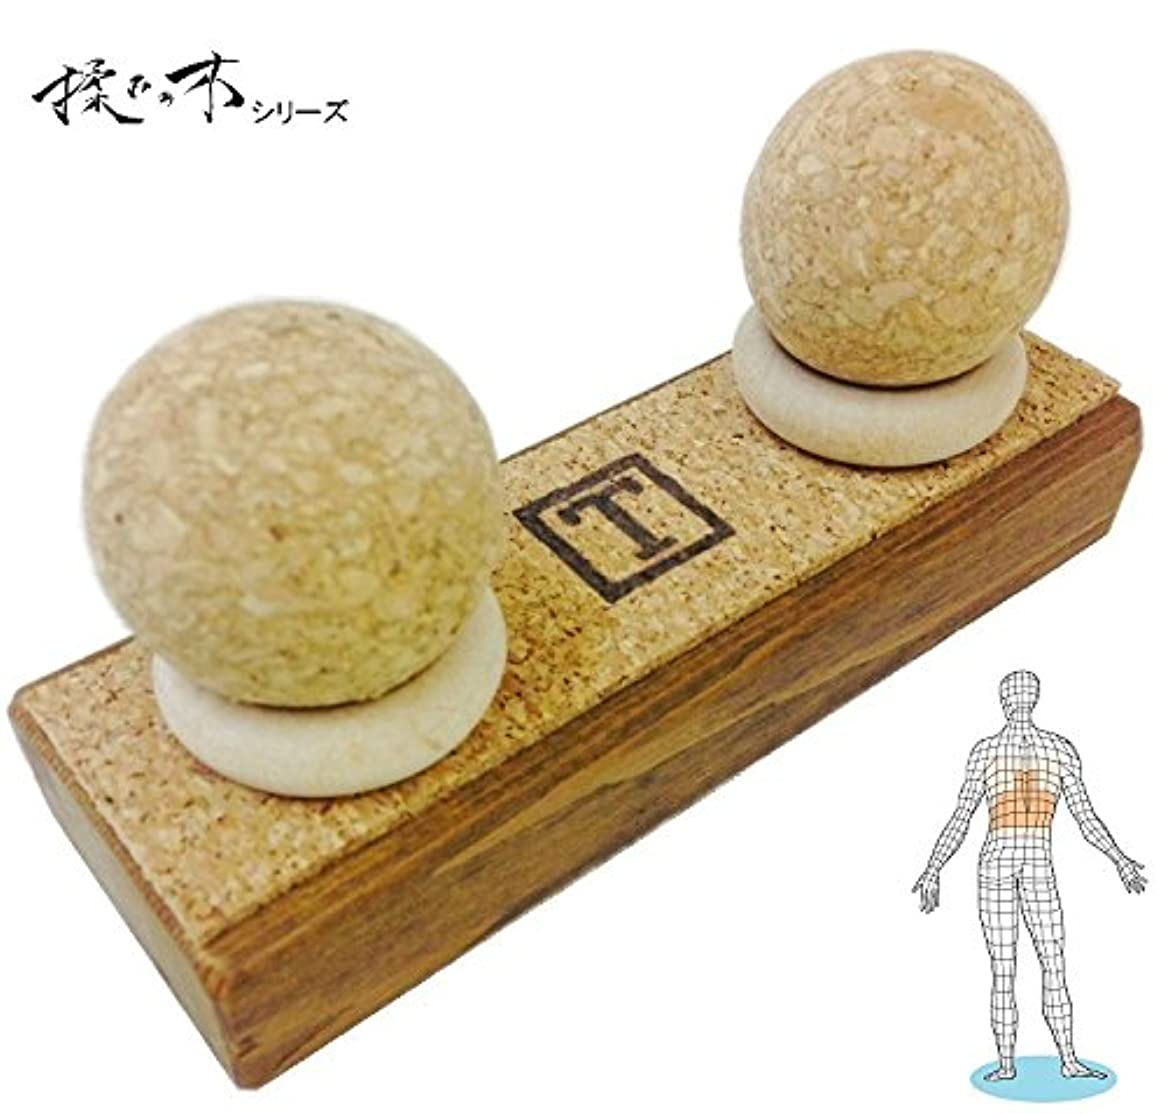 農村迷路倫理腰プロストレッチ Standard Type 背中下部から腰のセルフマッサージを強力にサポート